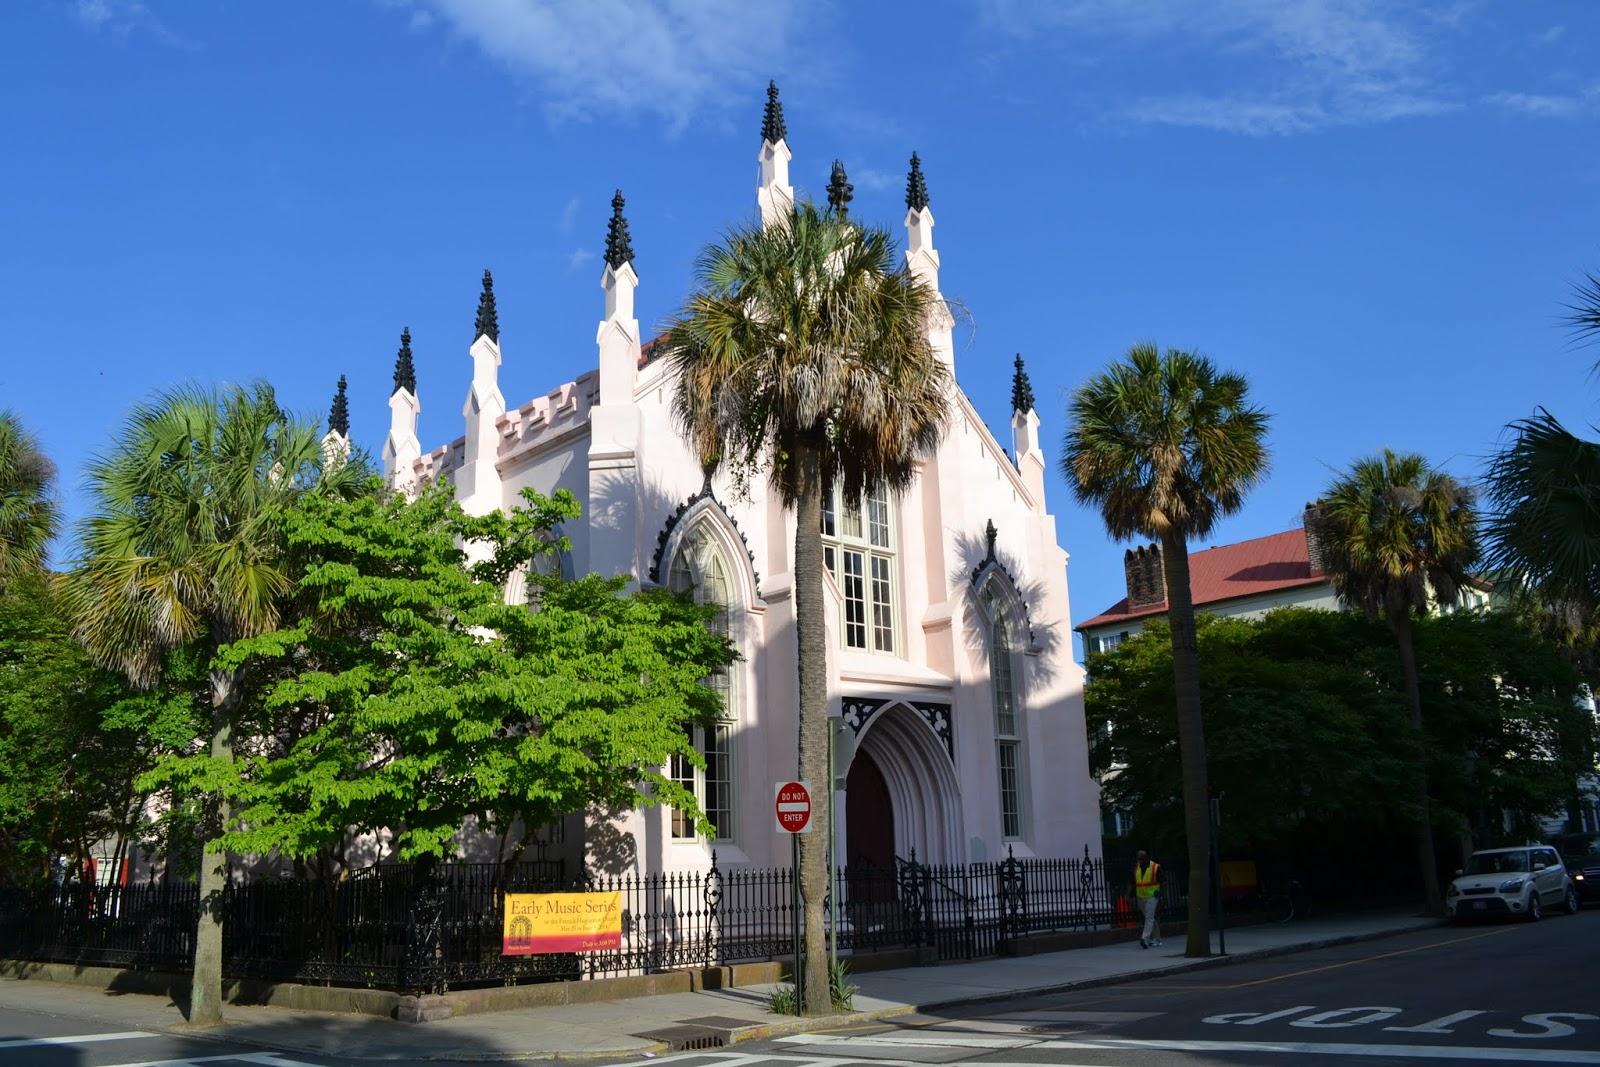 Французская Гугенотская церковь. Чарльстон, Южная Каролина (French Huguenot Church. Charleston, SC)